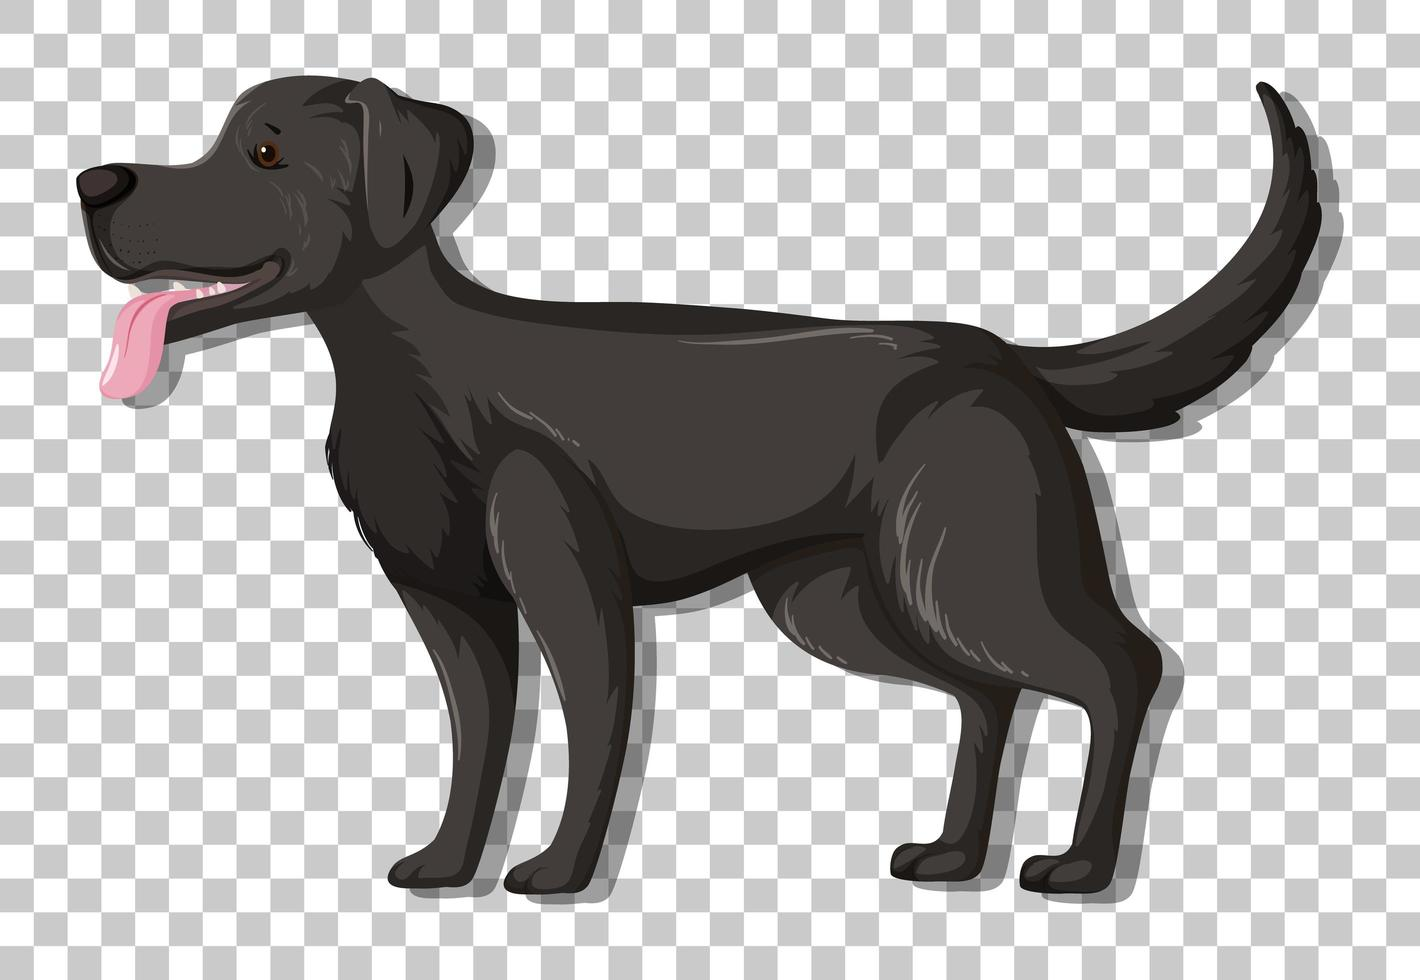 schwarzer Labrador Retriever in stehender Position Zeichentrickfigur isoliert auf transparentem Hintergrund vektor